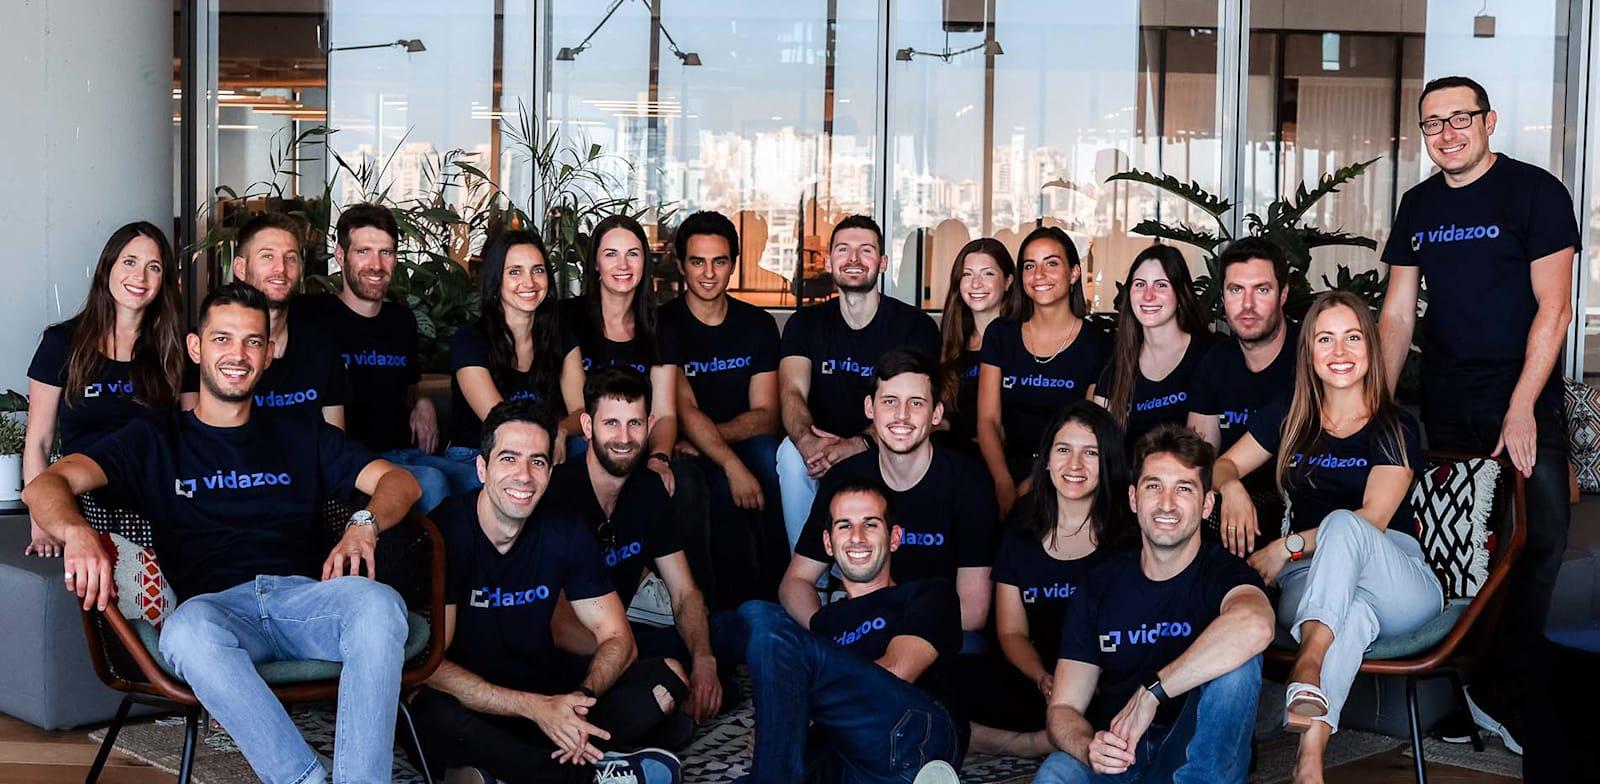 Vidazoo team Photo: Vidazoo